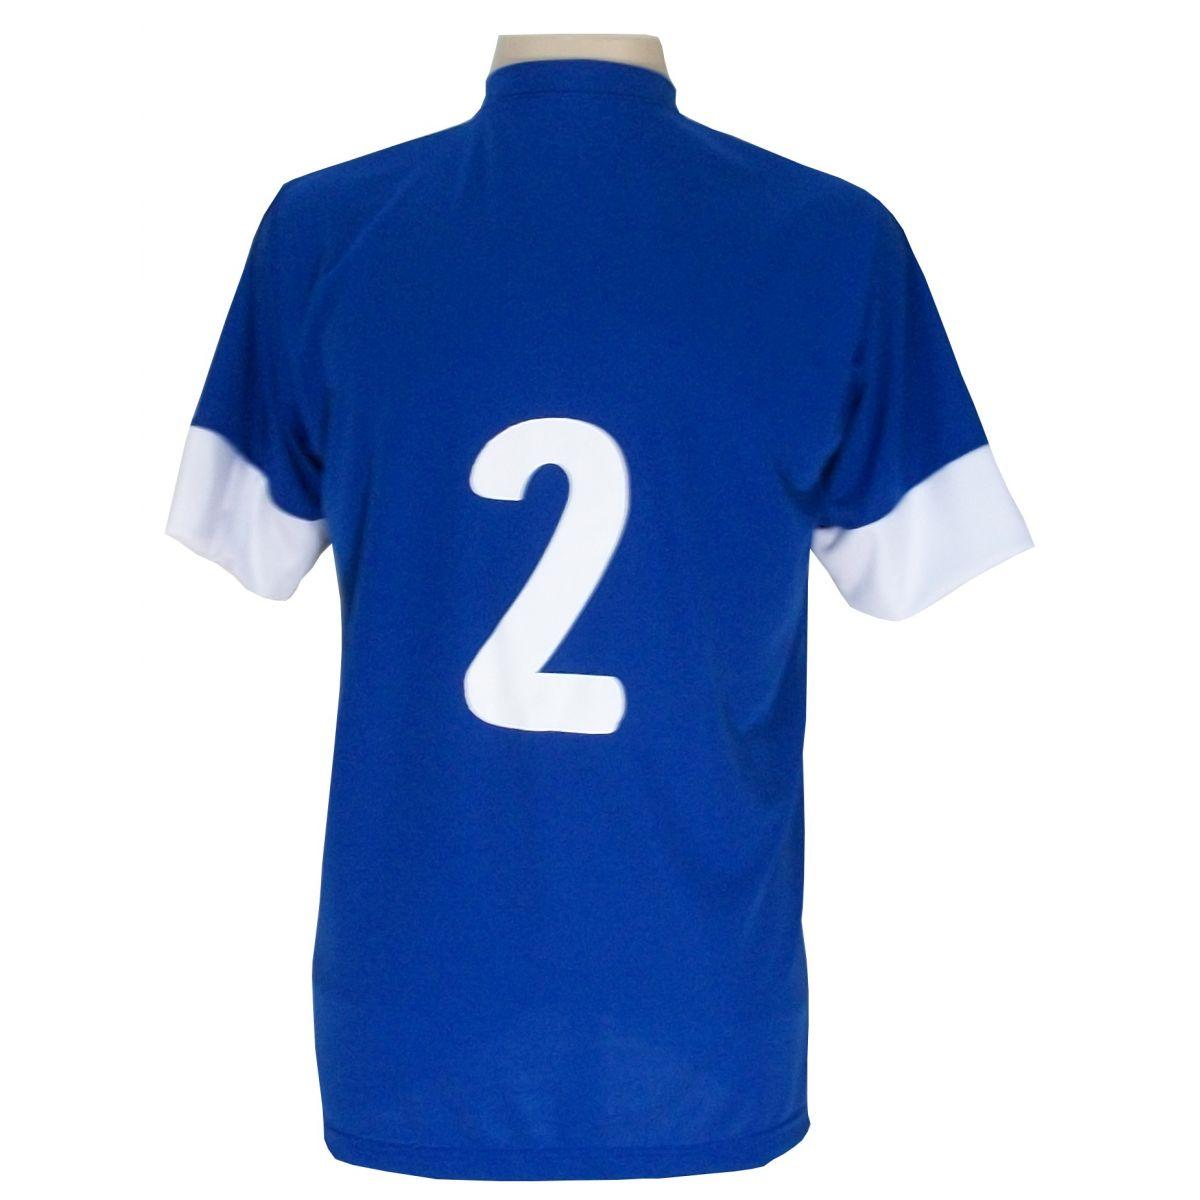 Jogo de Camisa com 14 unidades modelo Sporting Royal/Branco + 1 Goleiro + Brindes